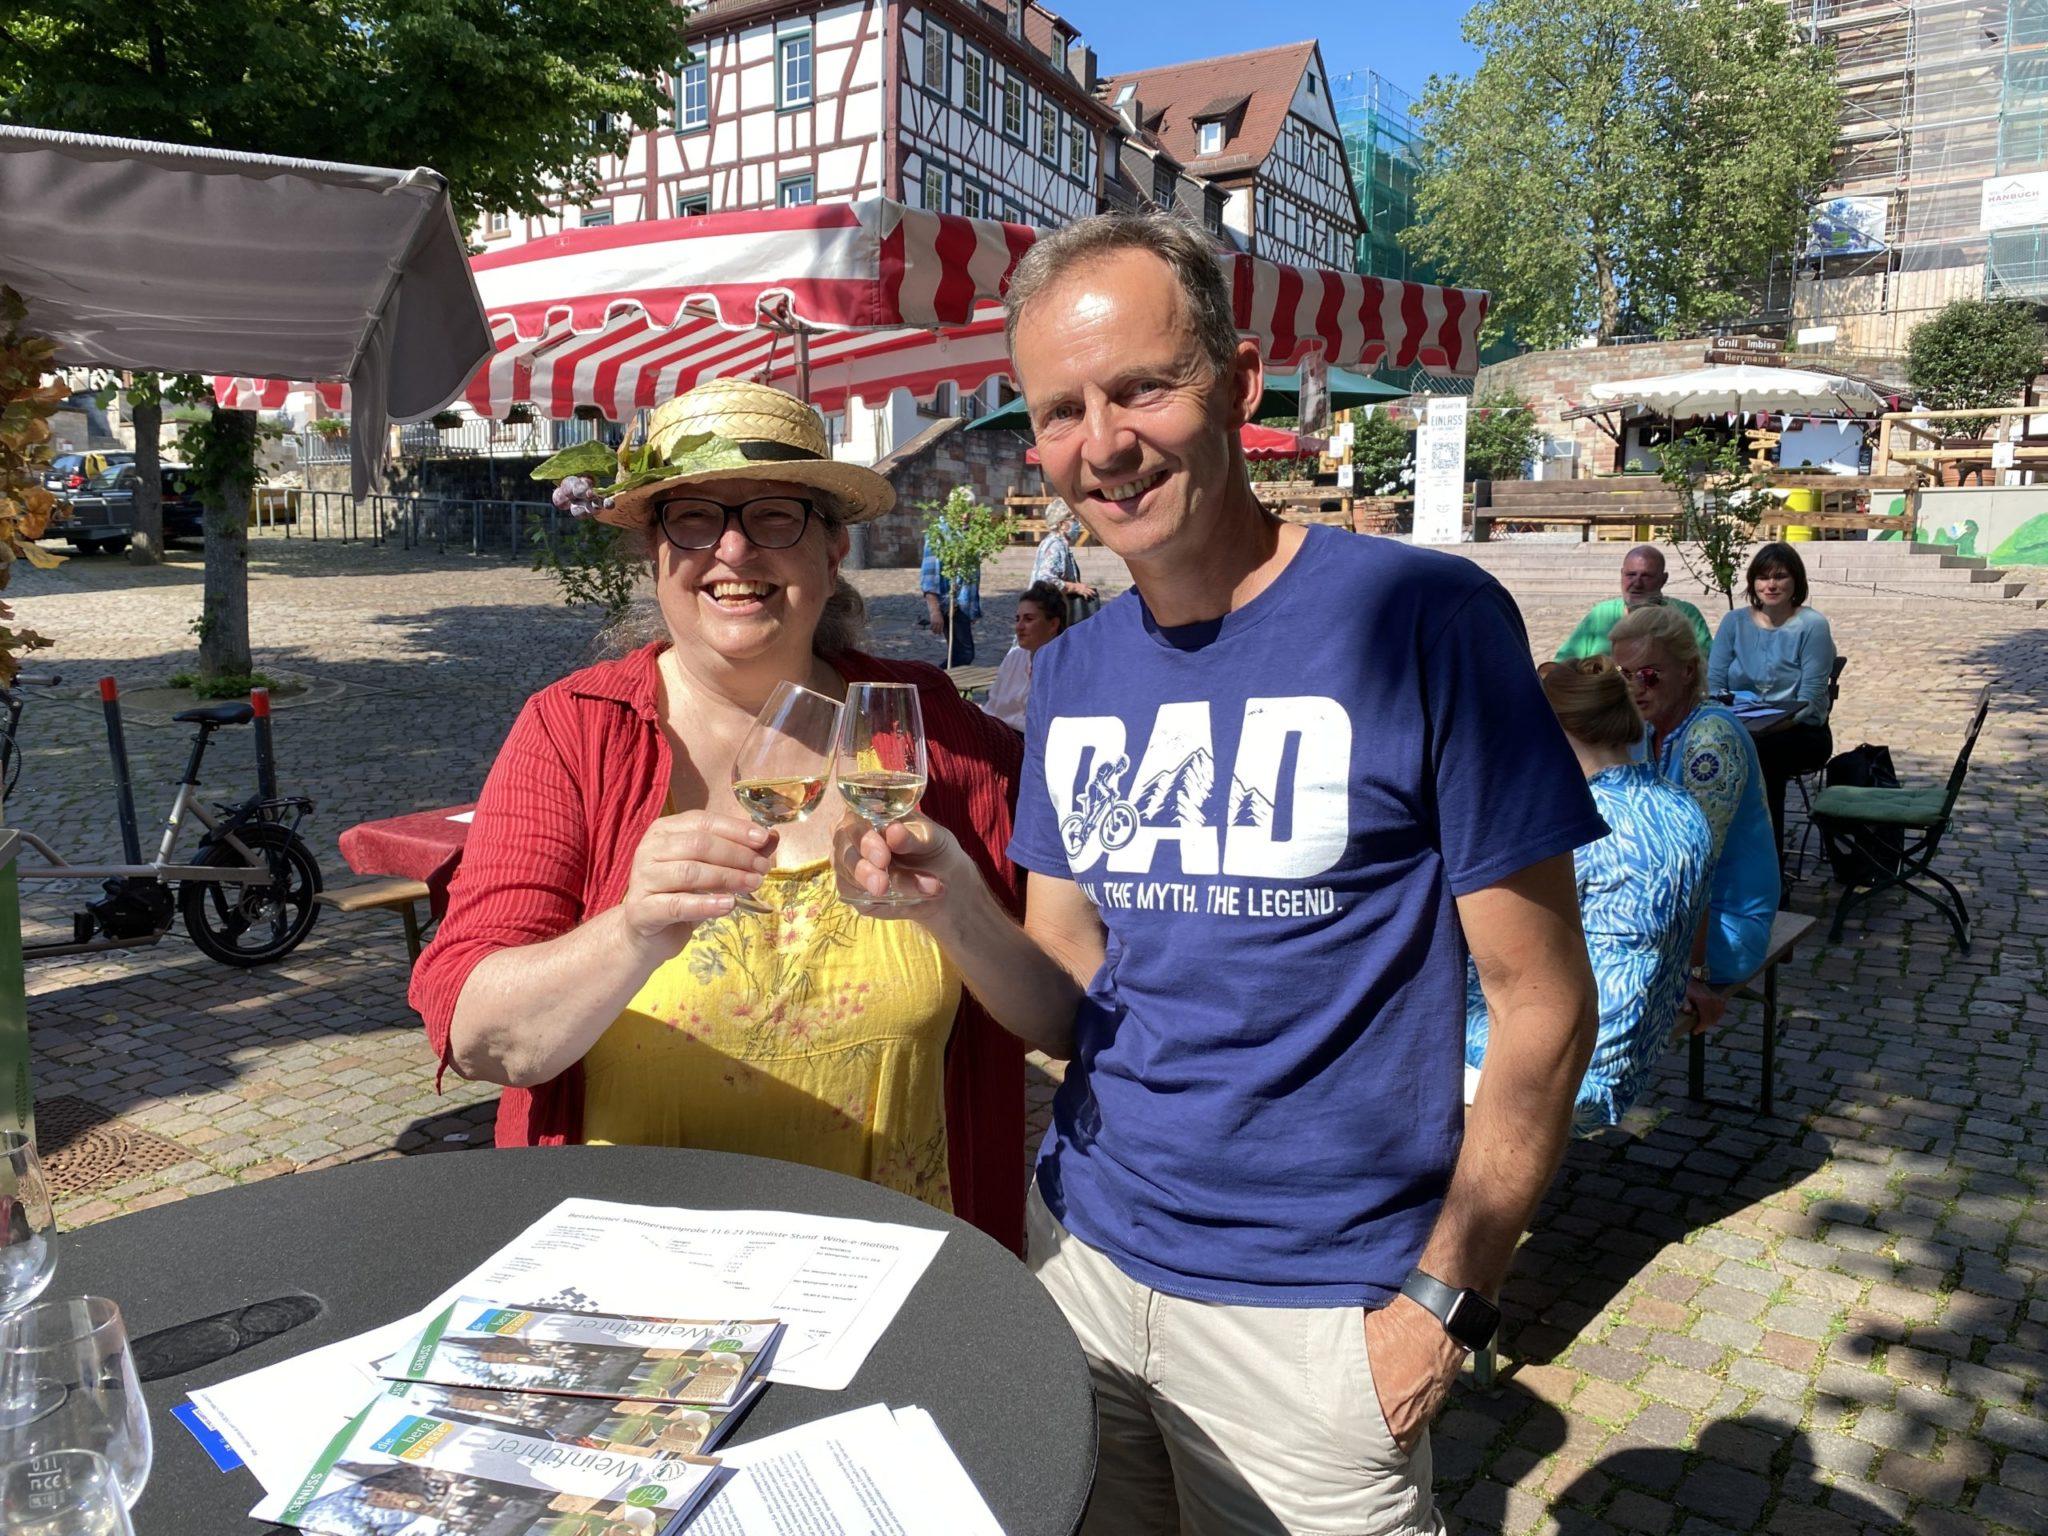 Genial Regional Verein - Weinfrühling Brigitte Zimmerman und Ottmar Meissner